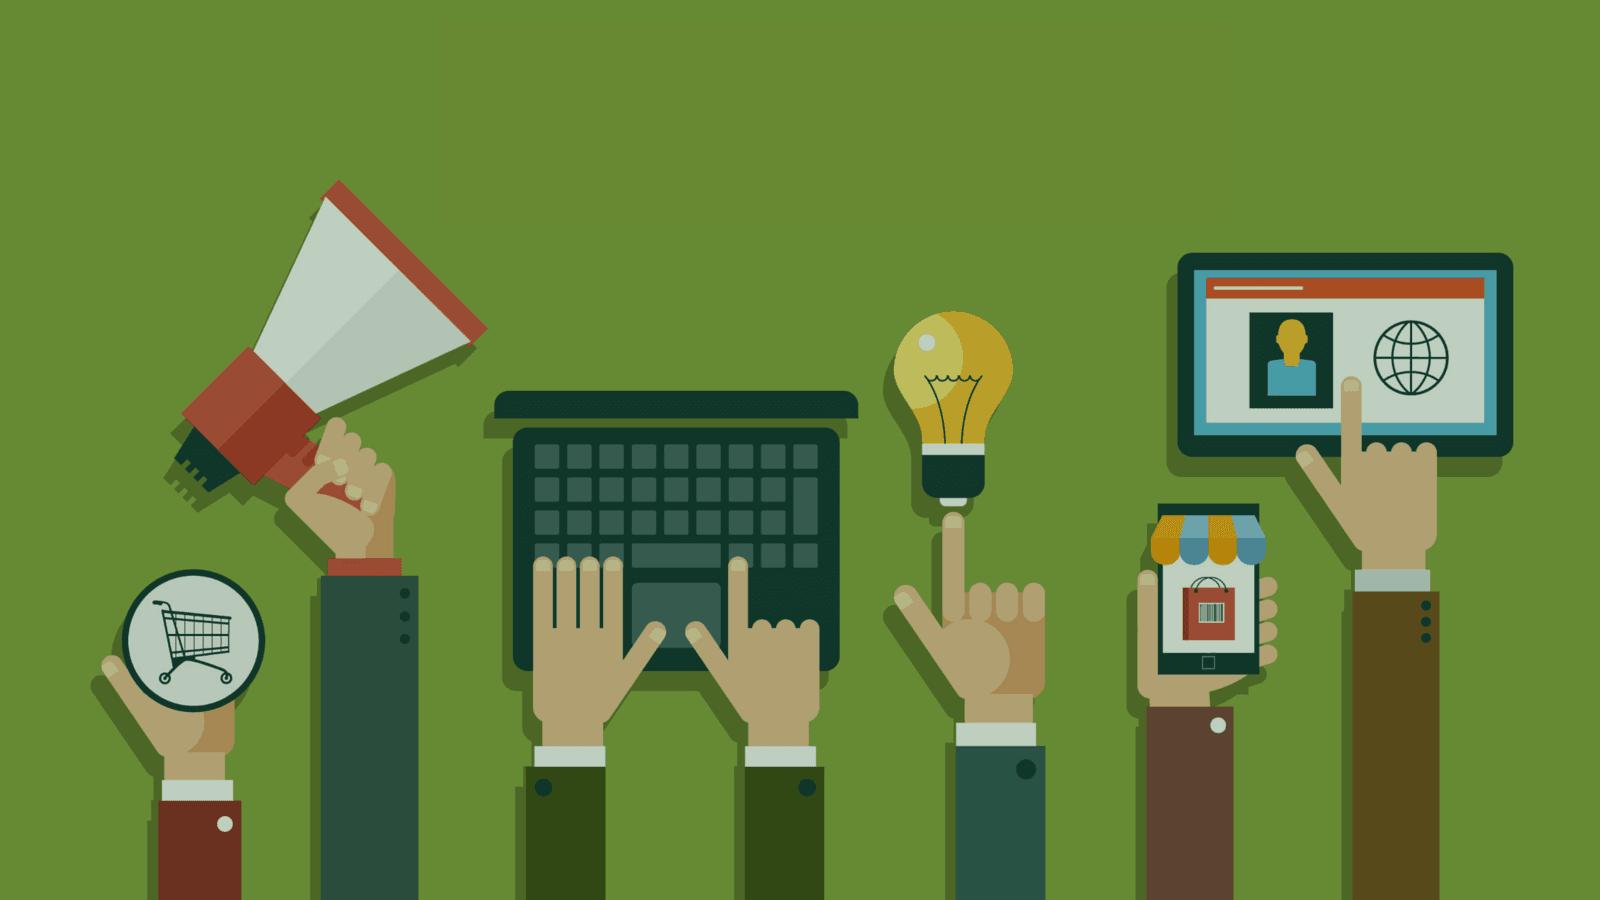 Agence Web marketing : Comment faire le bon choix ? - 360 WEBMARKETING